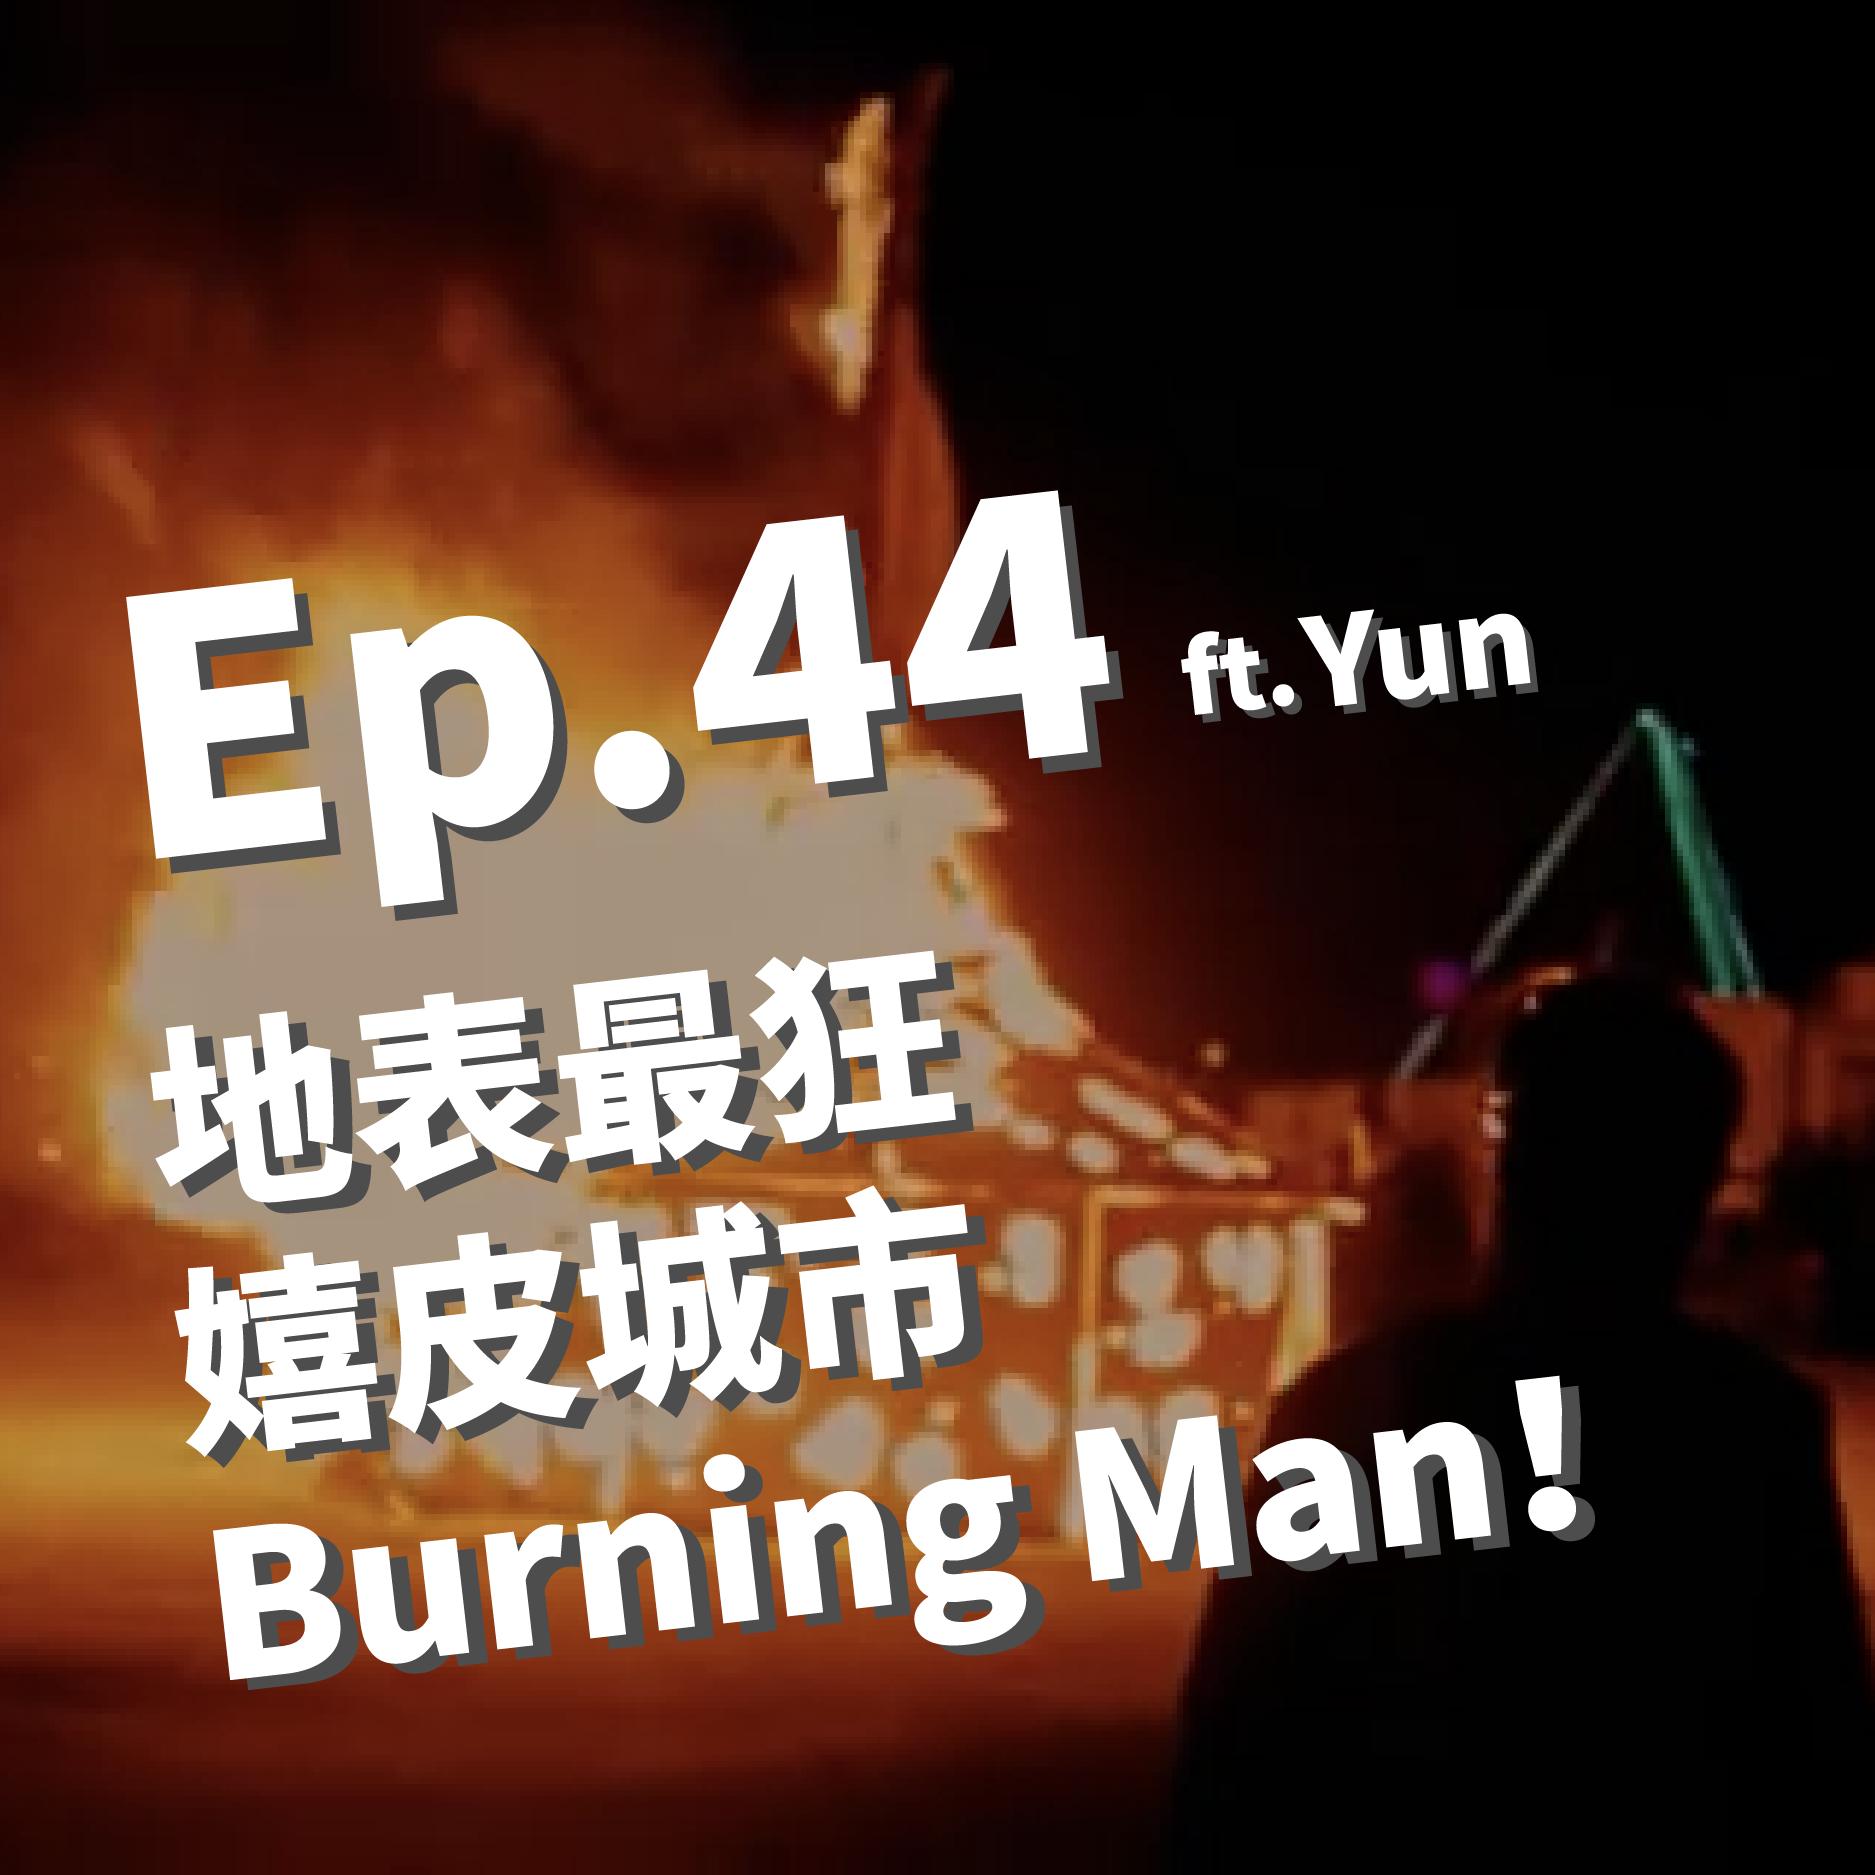 Ep.44 地表最狂嬉皮城市 Burning Man | 不知道火人節是啥就跑去拍畢製 ft. Yun